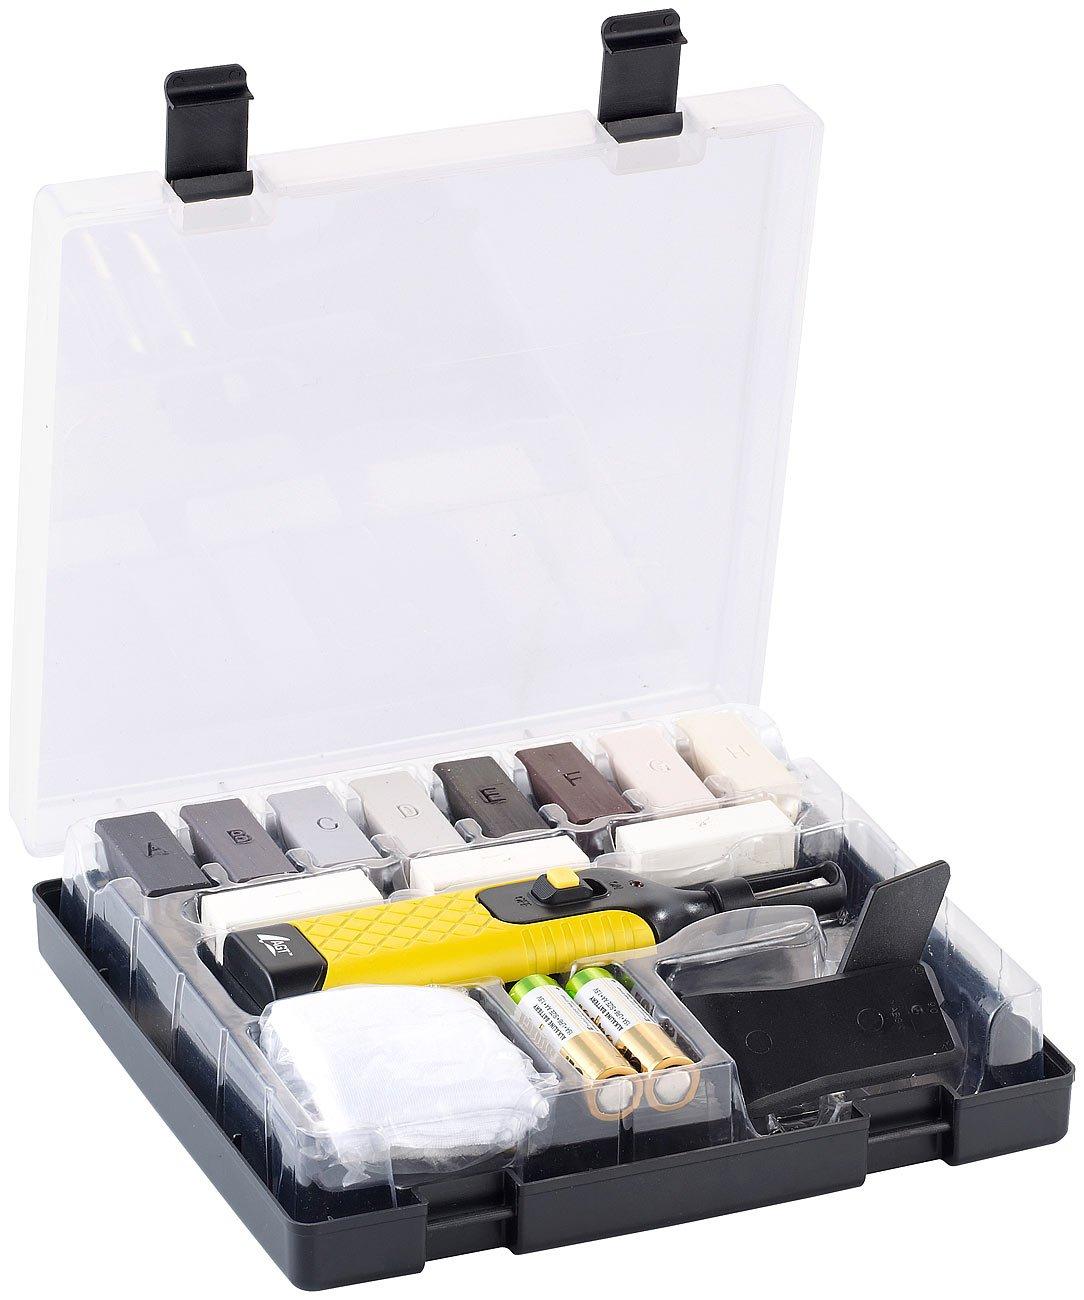 AGT Kit de ré paration 5263 NX Set de WRS 11 pvl surfaces de ré paration pour plan de travail en plastique) NX-5263